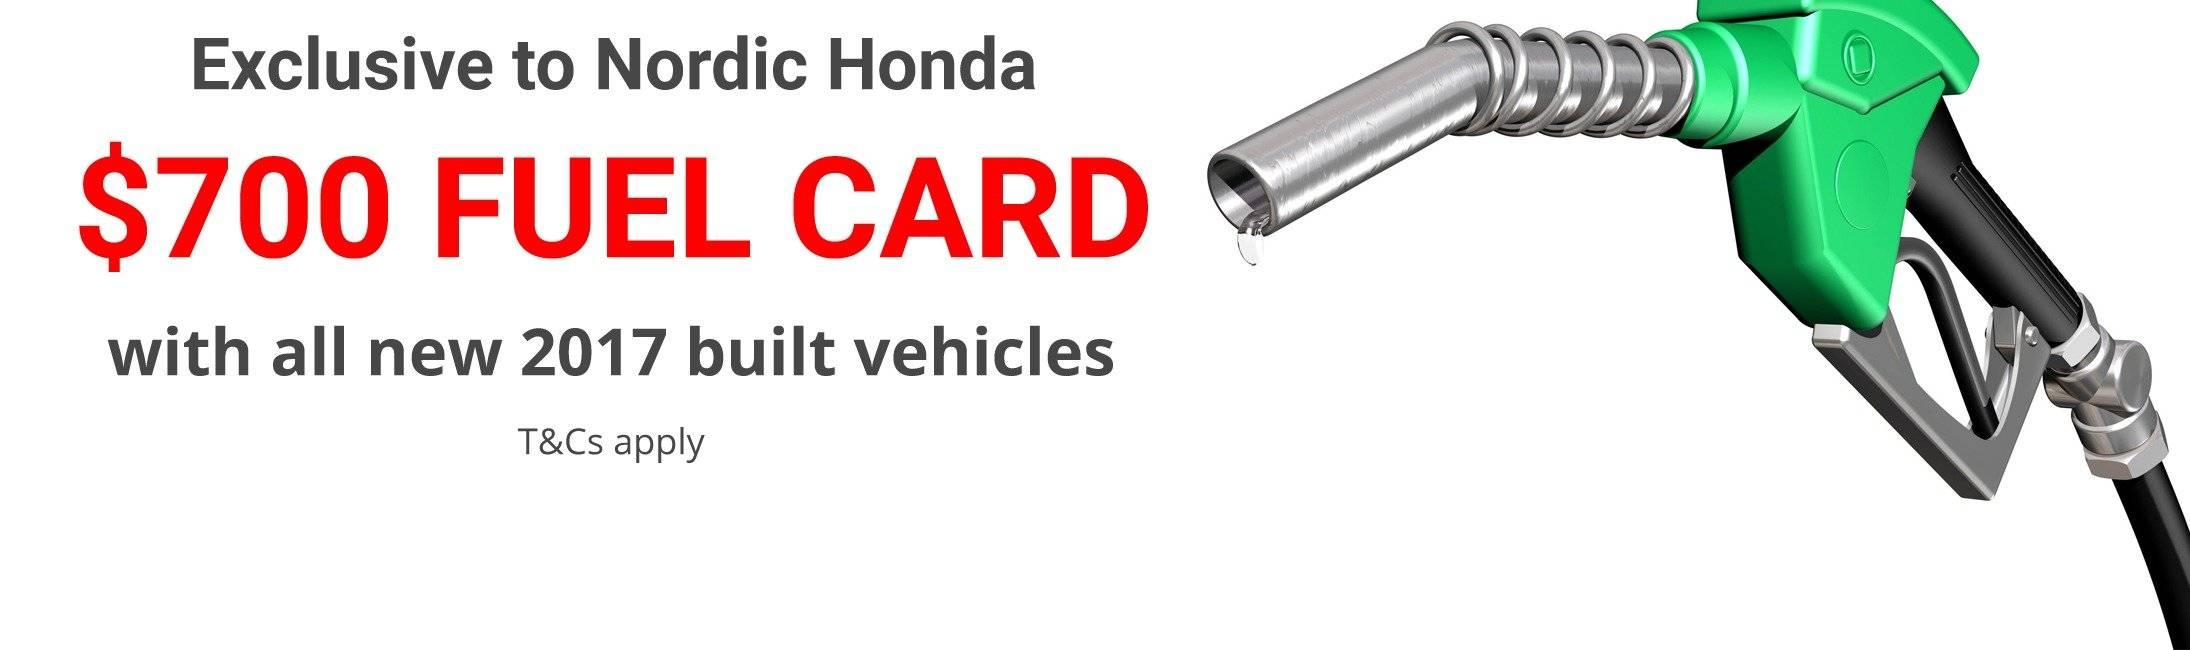 Honda Fuel card offer